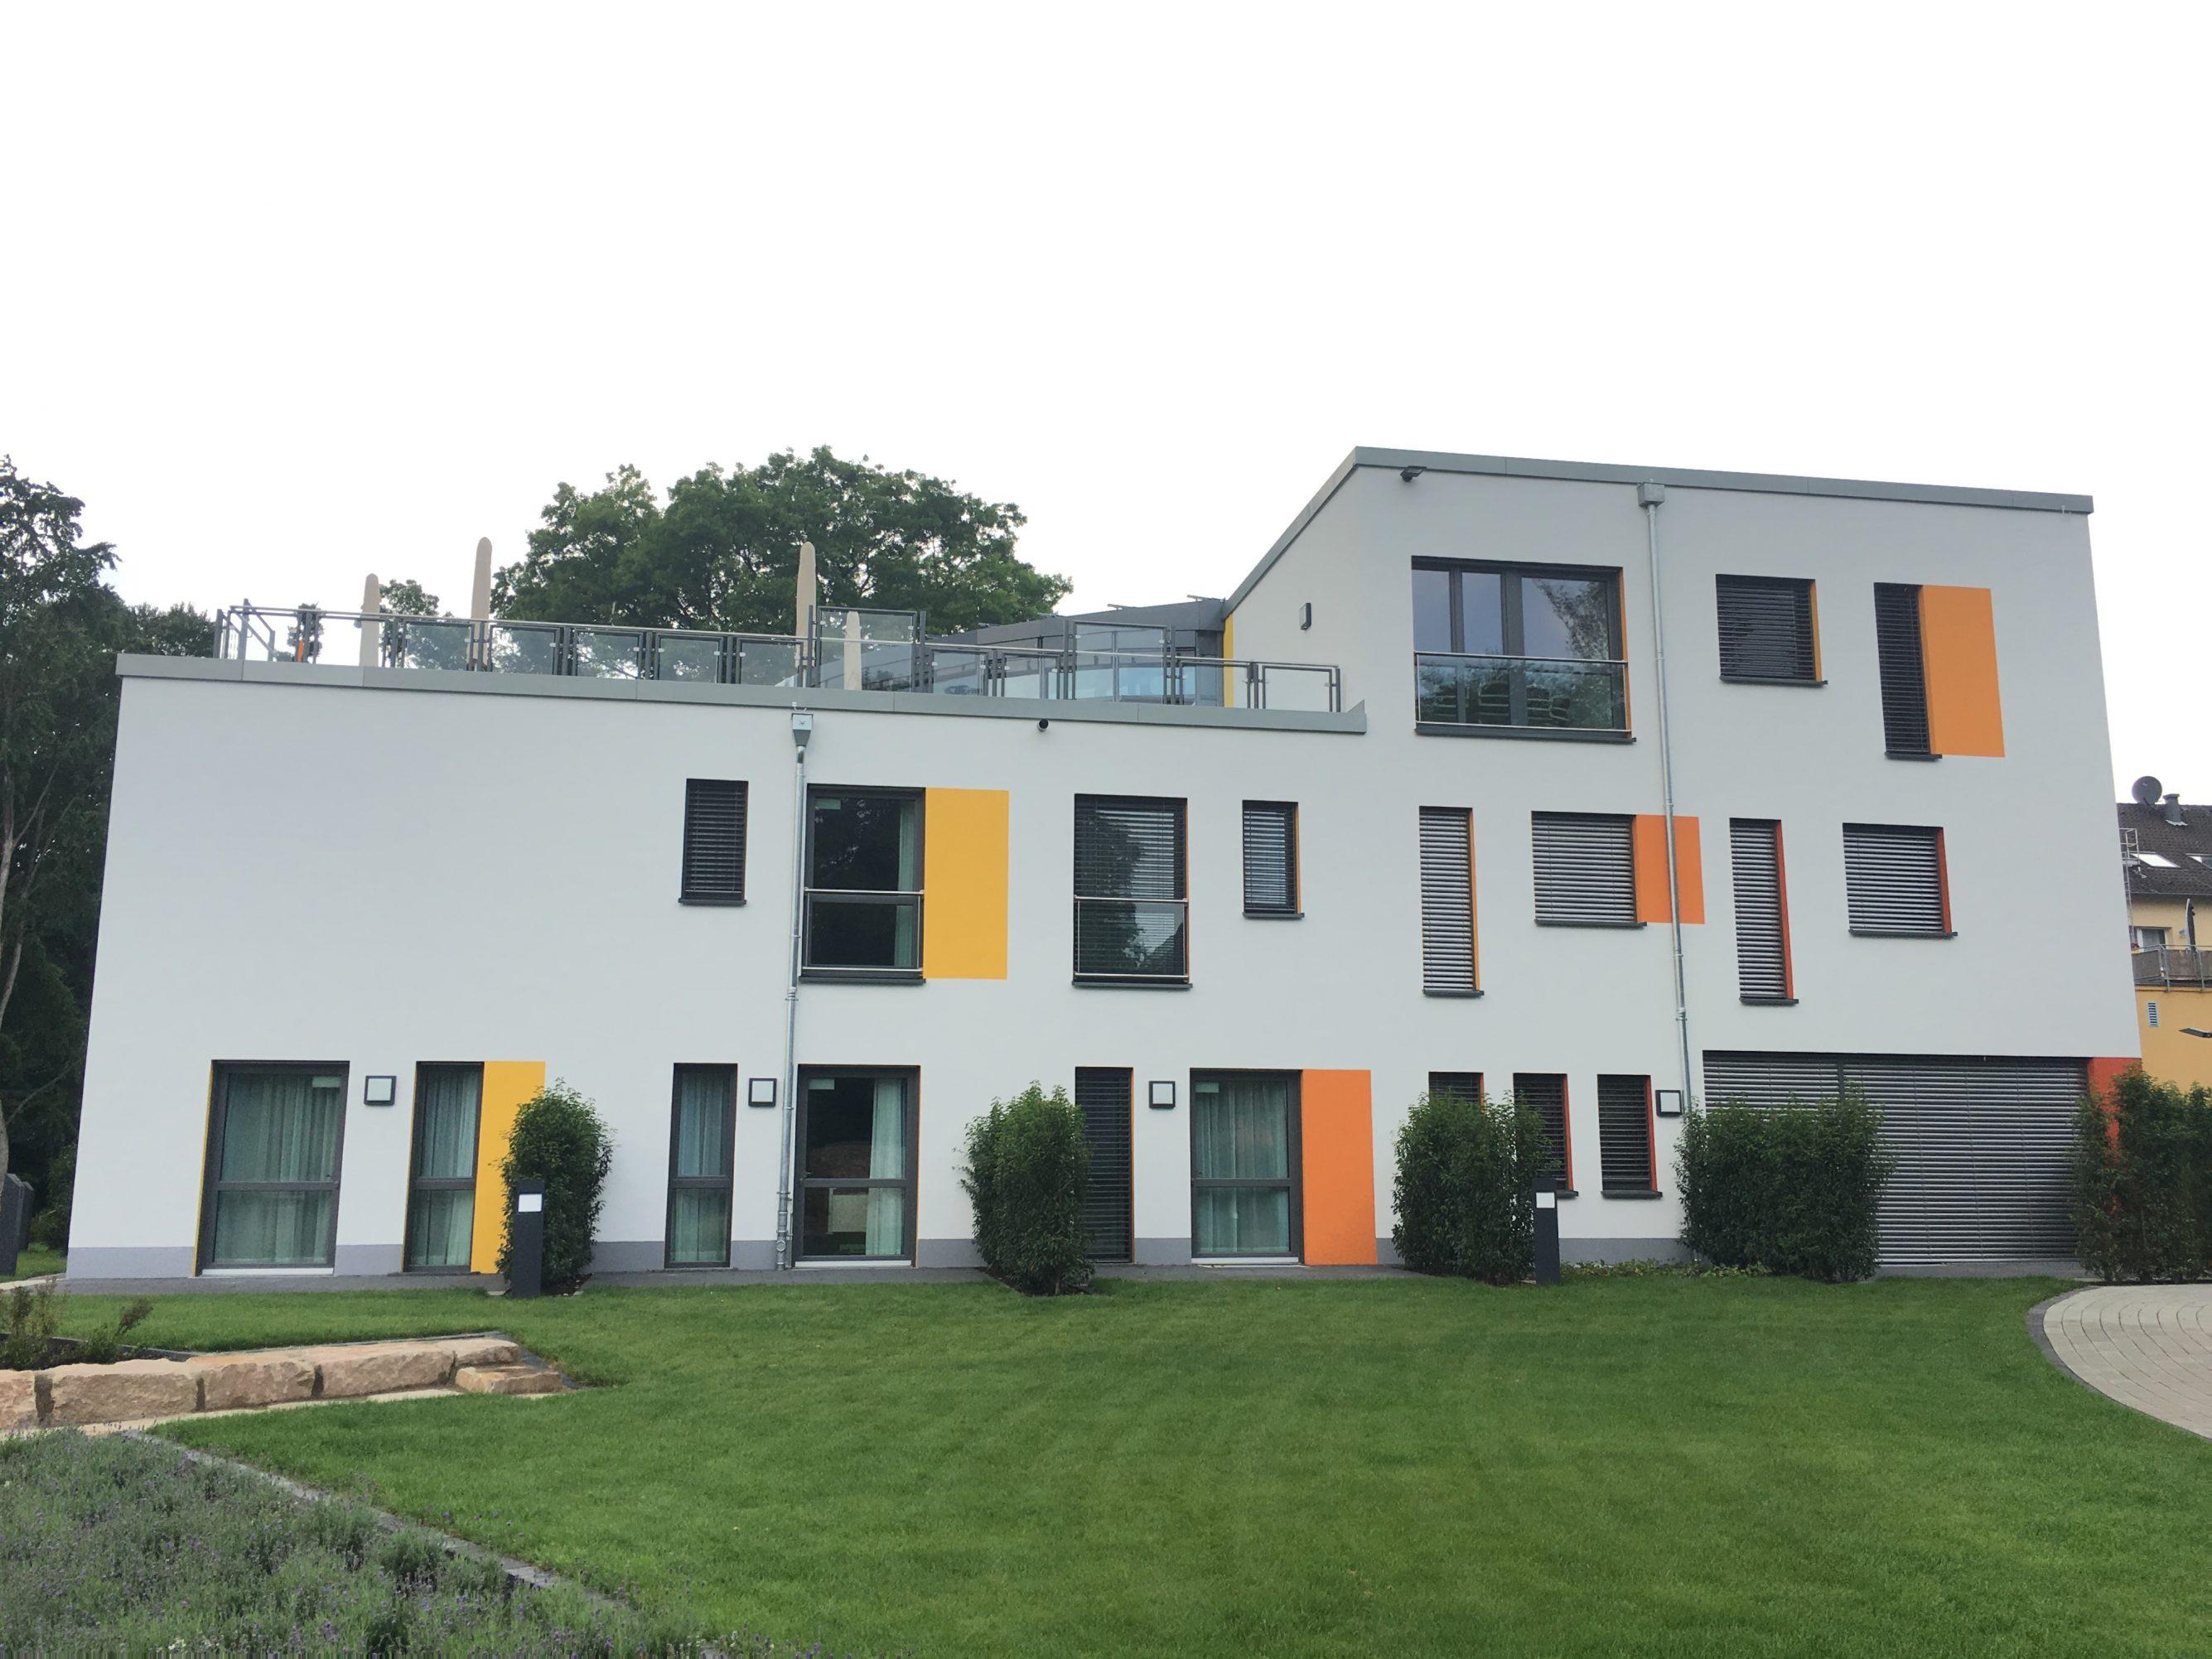 Torfbruchstraße, Düsseldorf